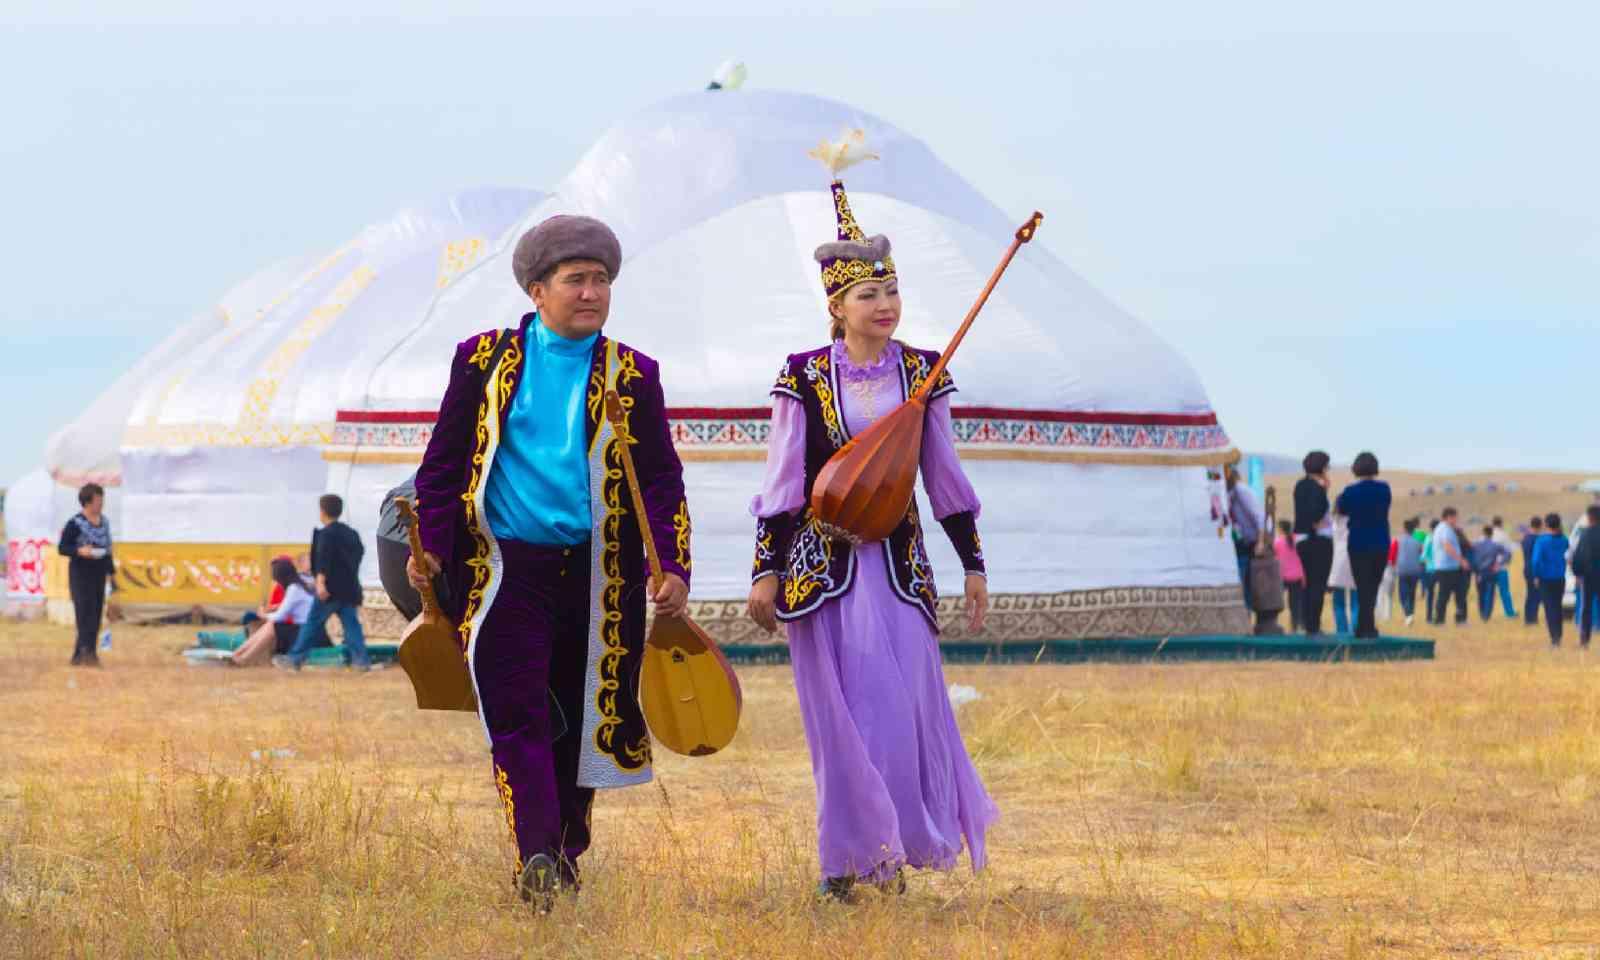 Karkaralinsk, Kazakhstan (Shutterstock)